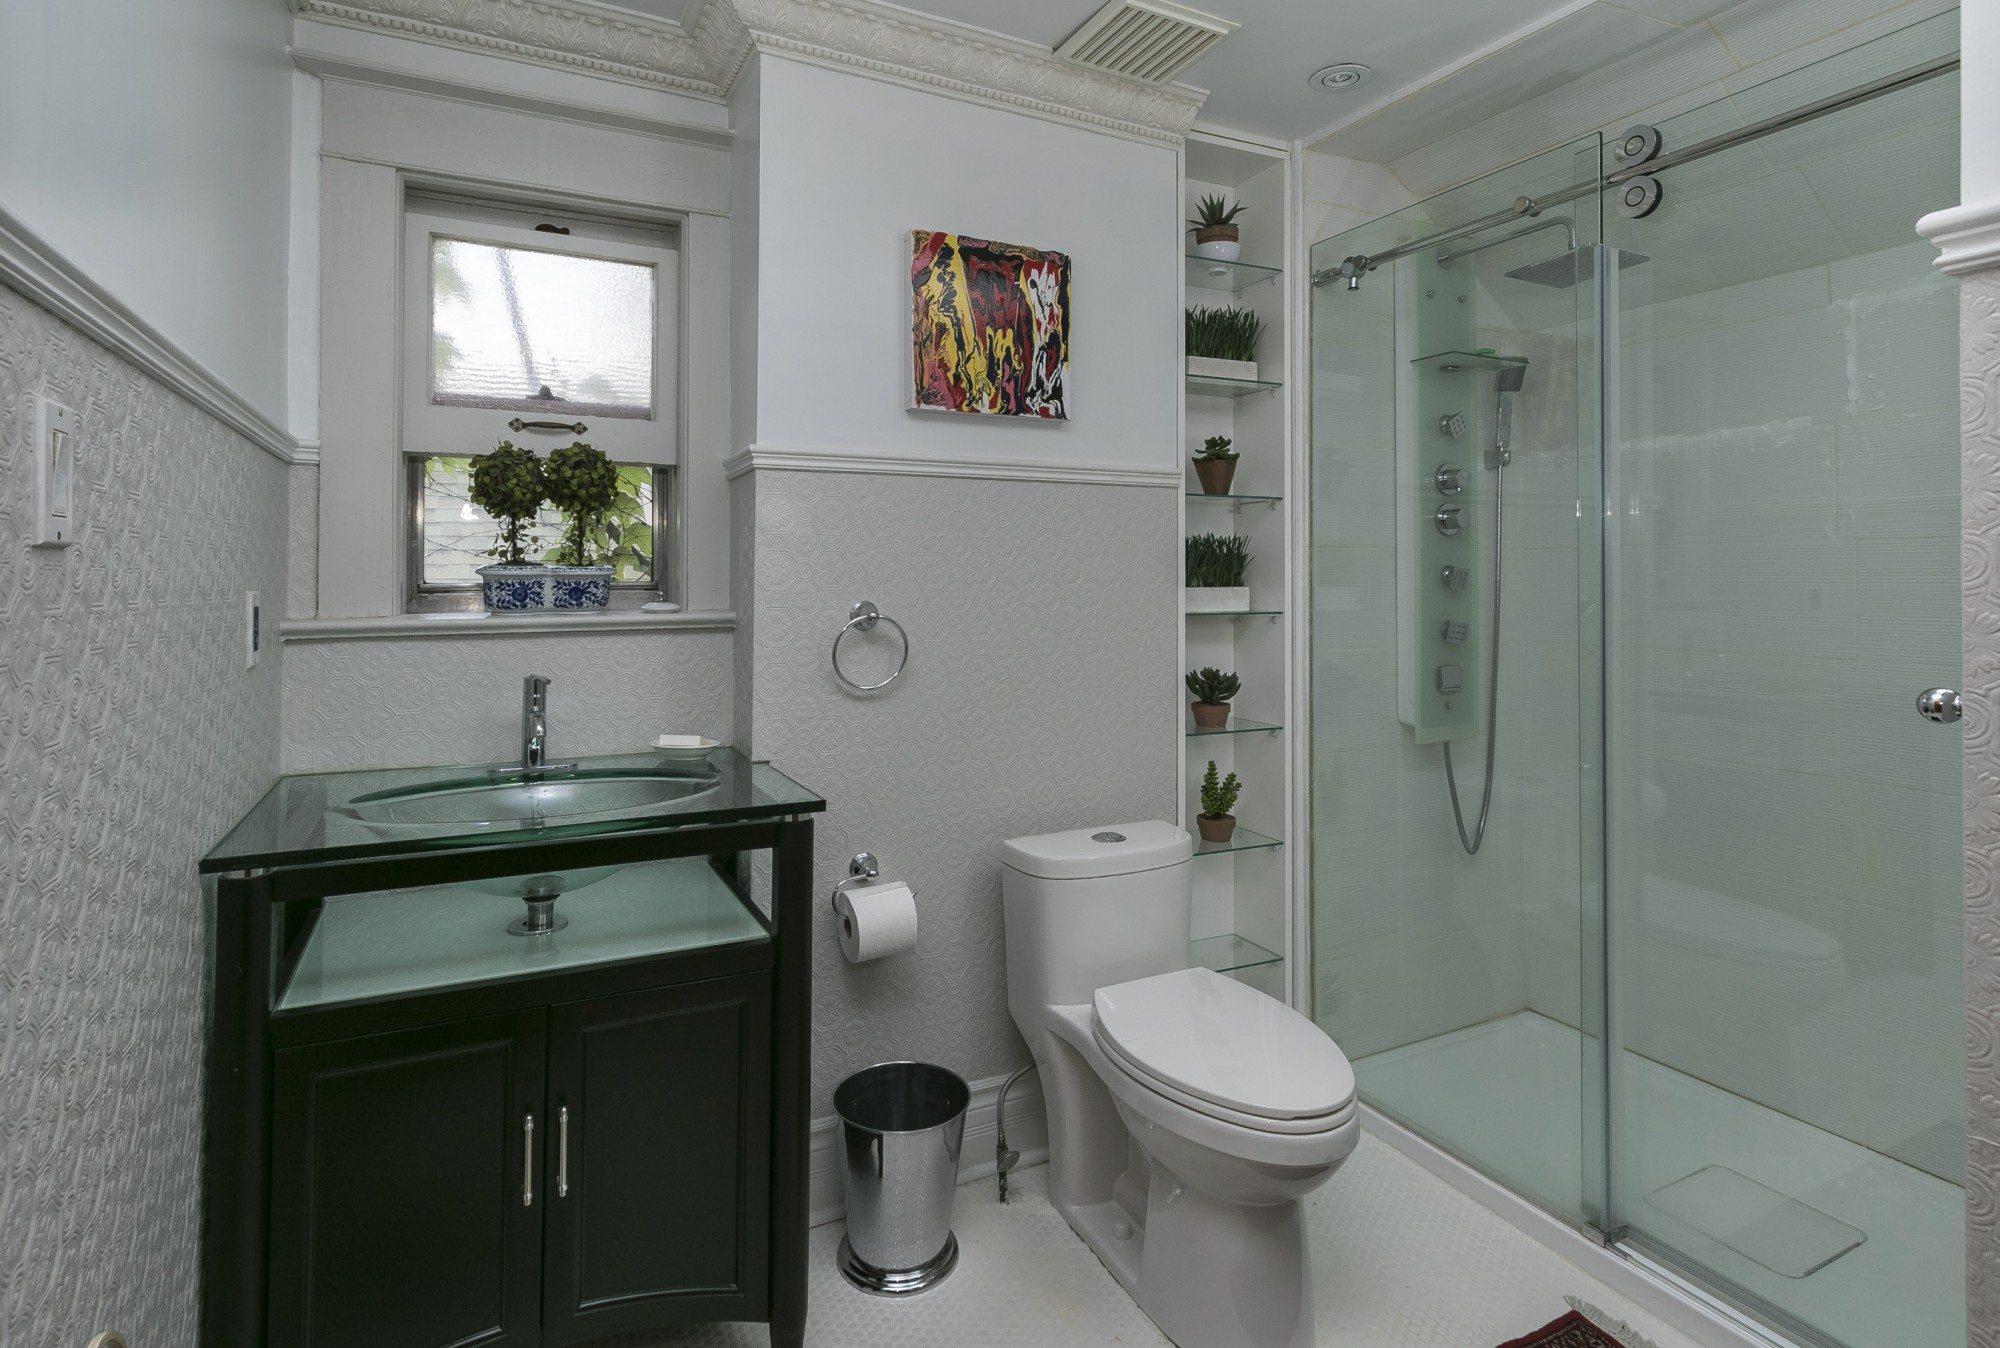 toronto-house-for-sale-15-glenholme-avenue-13